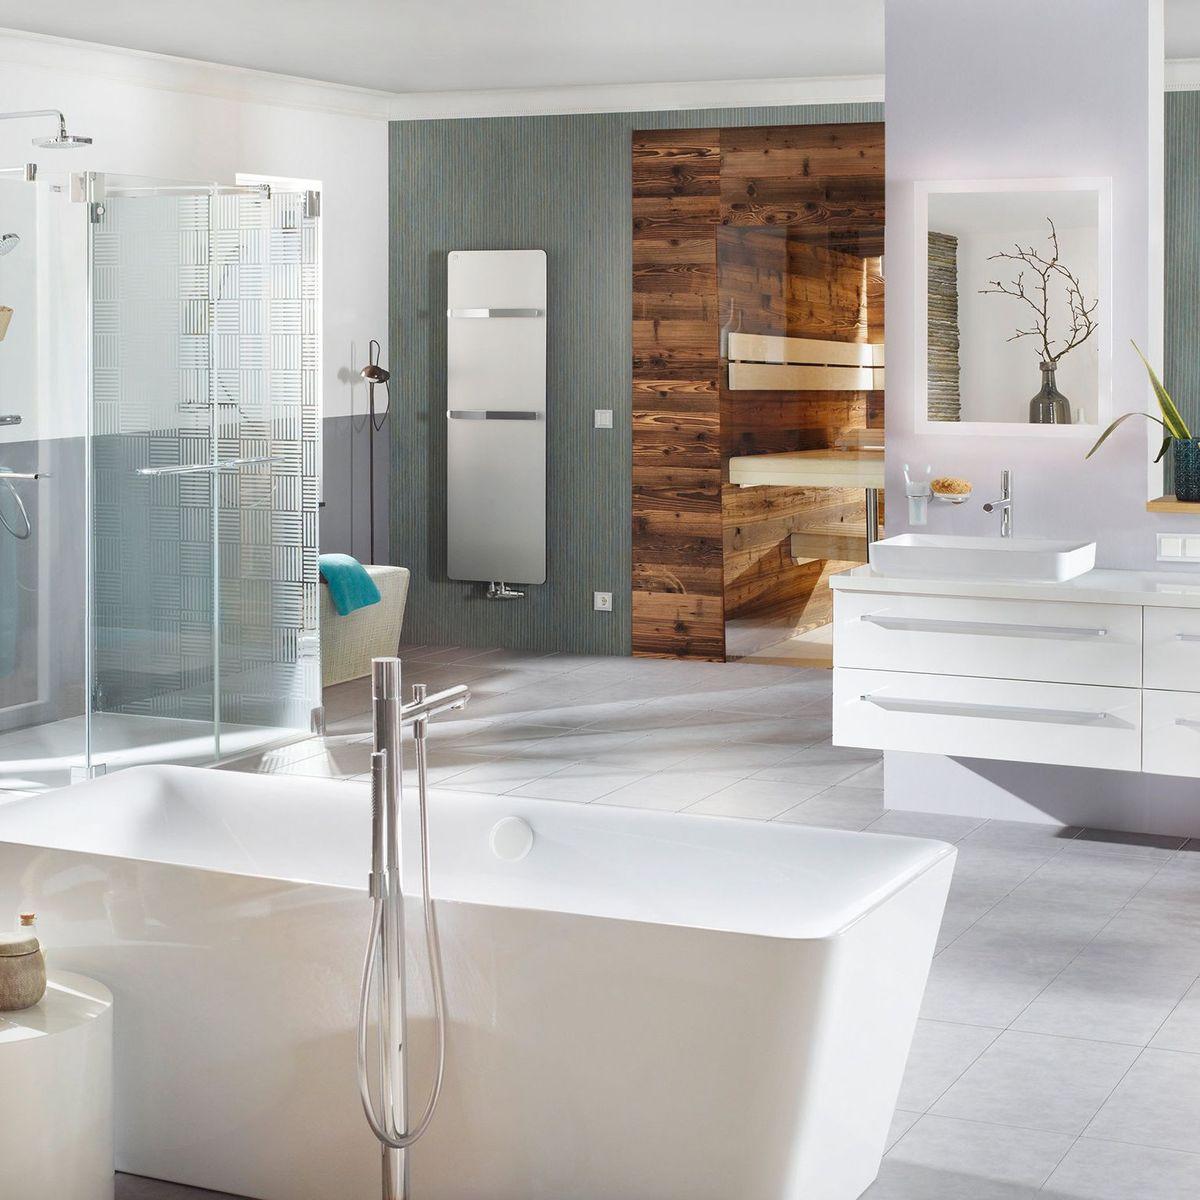 Frei stehende Badewanne: Sogar im kleinen Bad möglich - DER SPIEGEL